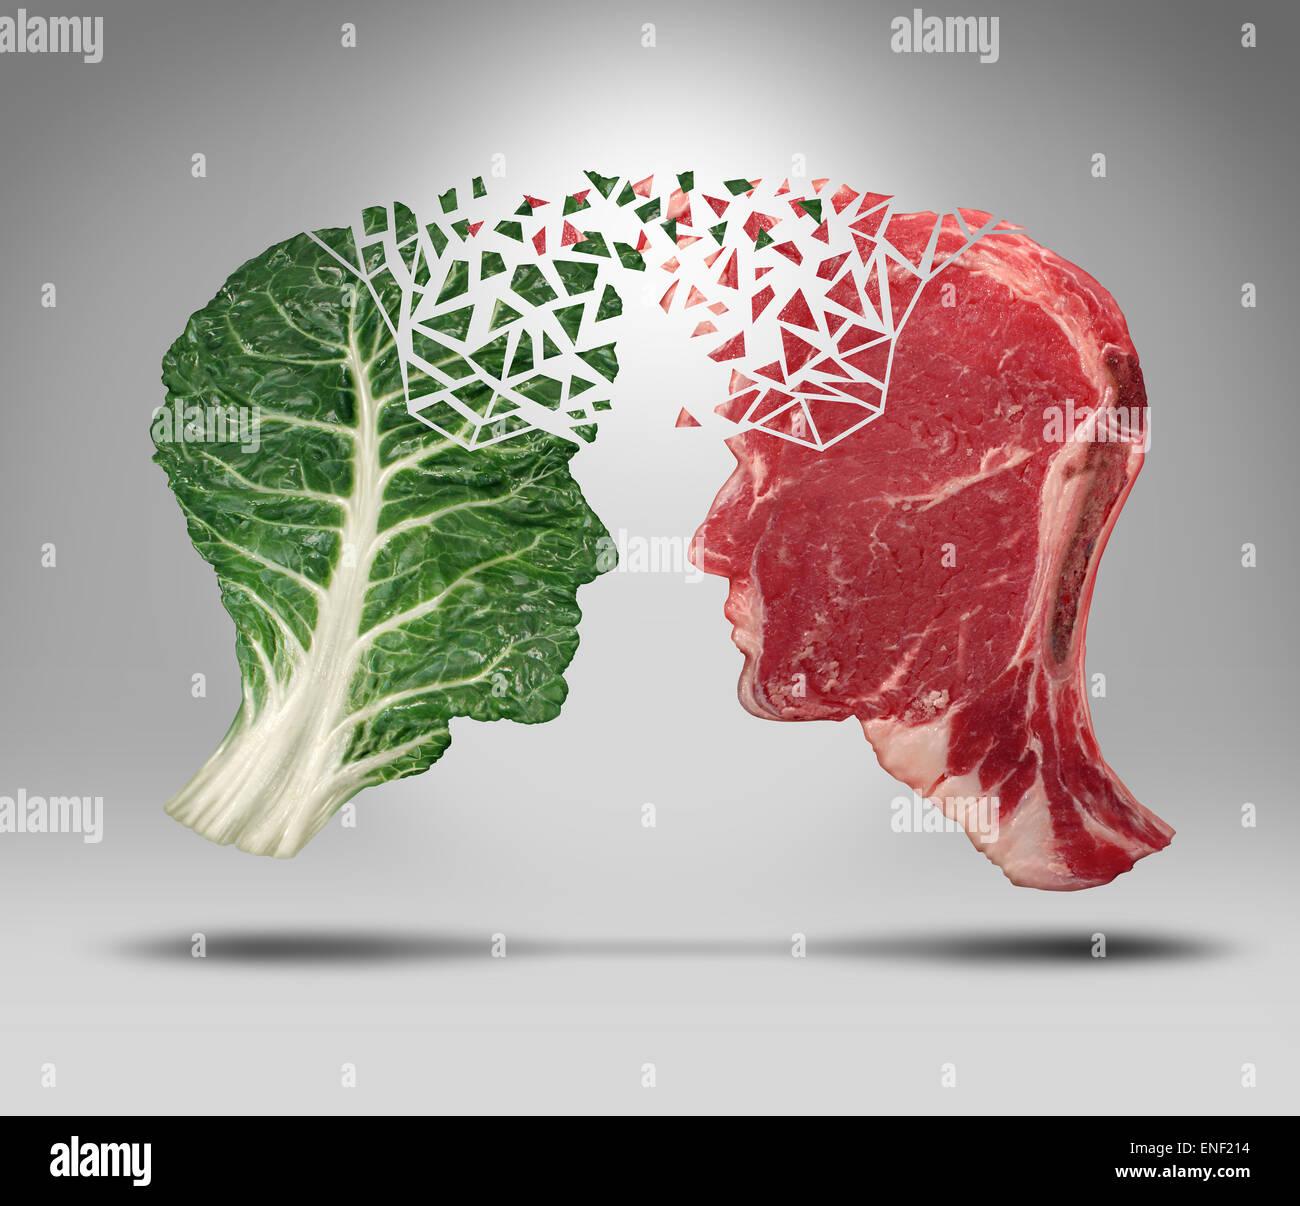 Información alimentaria y salud comer equilibrio concepto relacionado con el intercambio de opciones con una Imagen De Stock